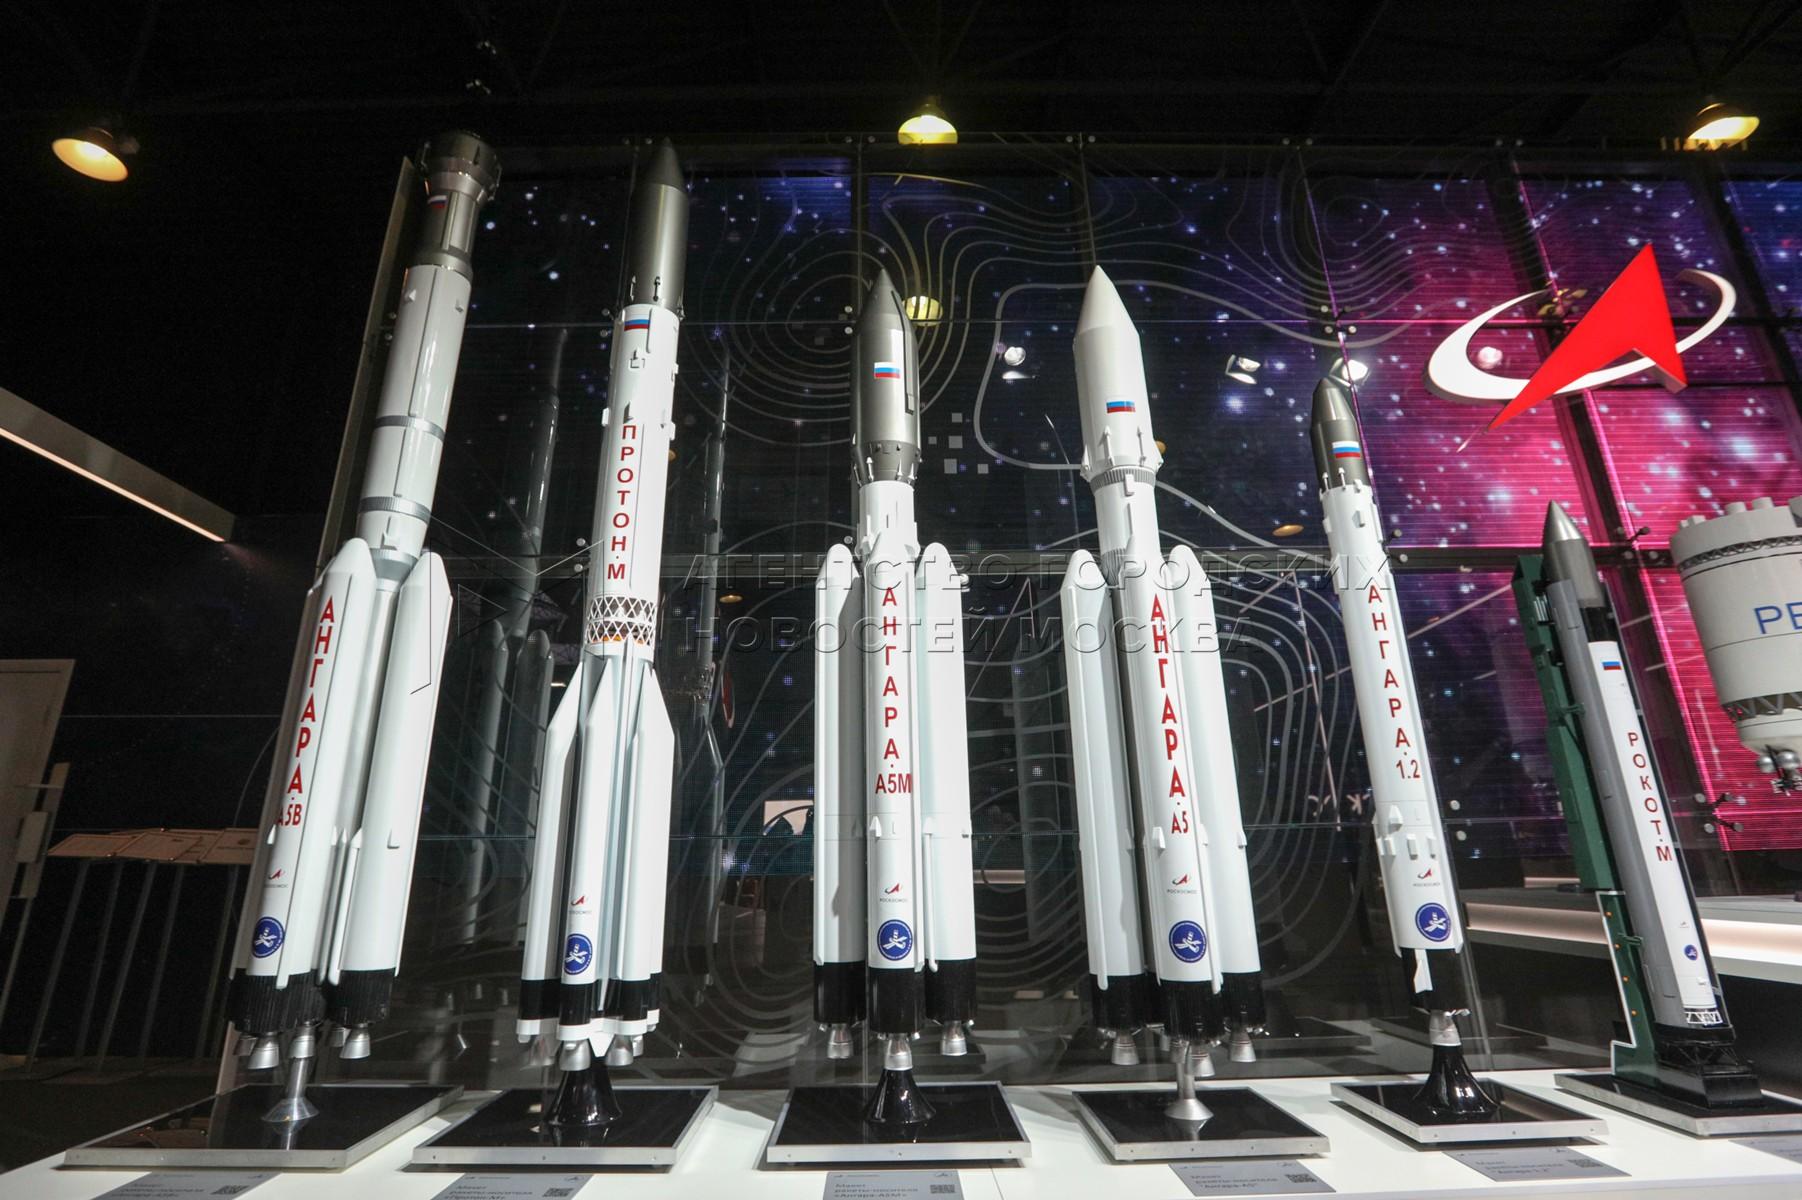 Второй день работы Международного авиационно-космического салона - 2021 (МАКС-2021) в подмосковном Жуковском.